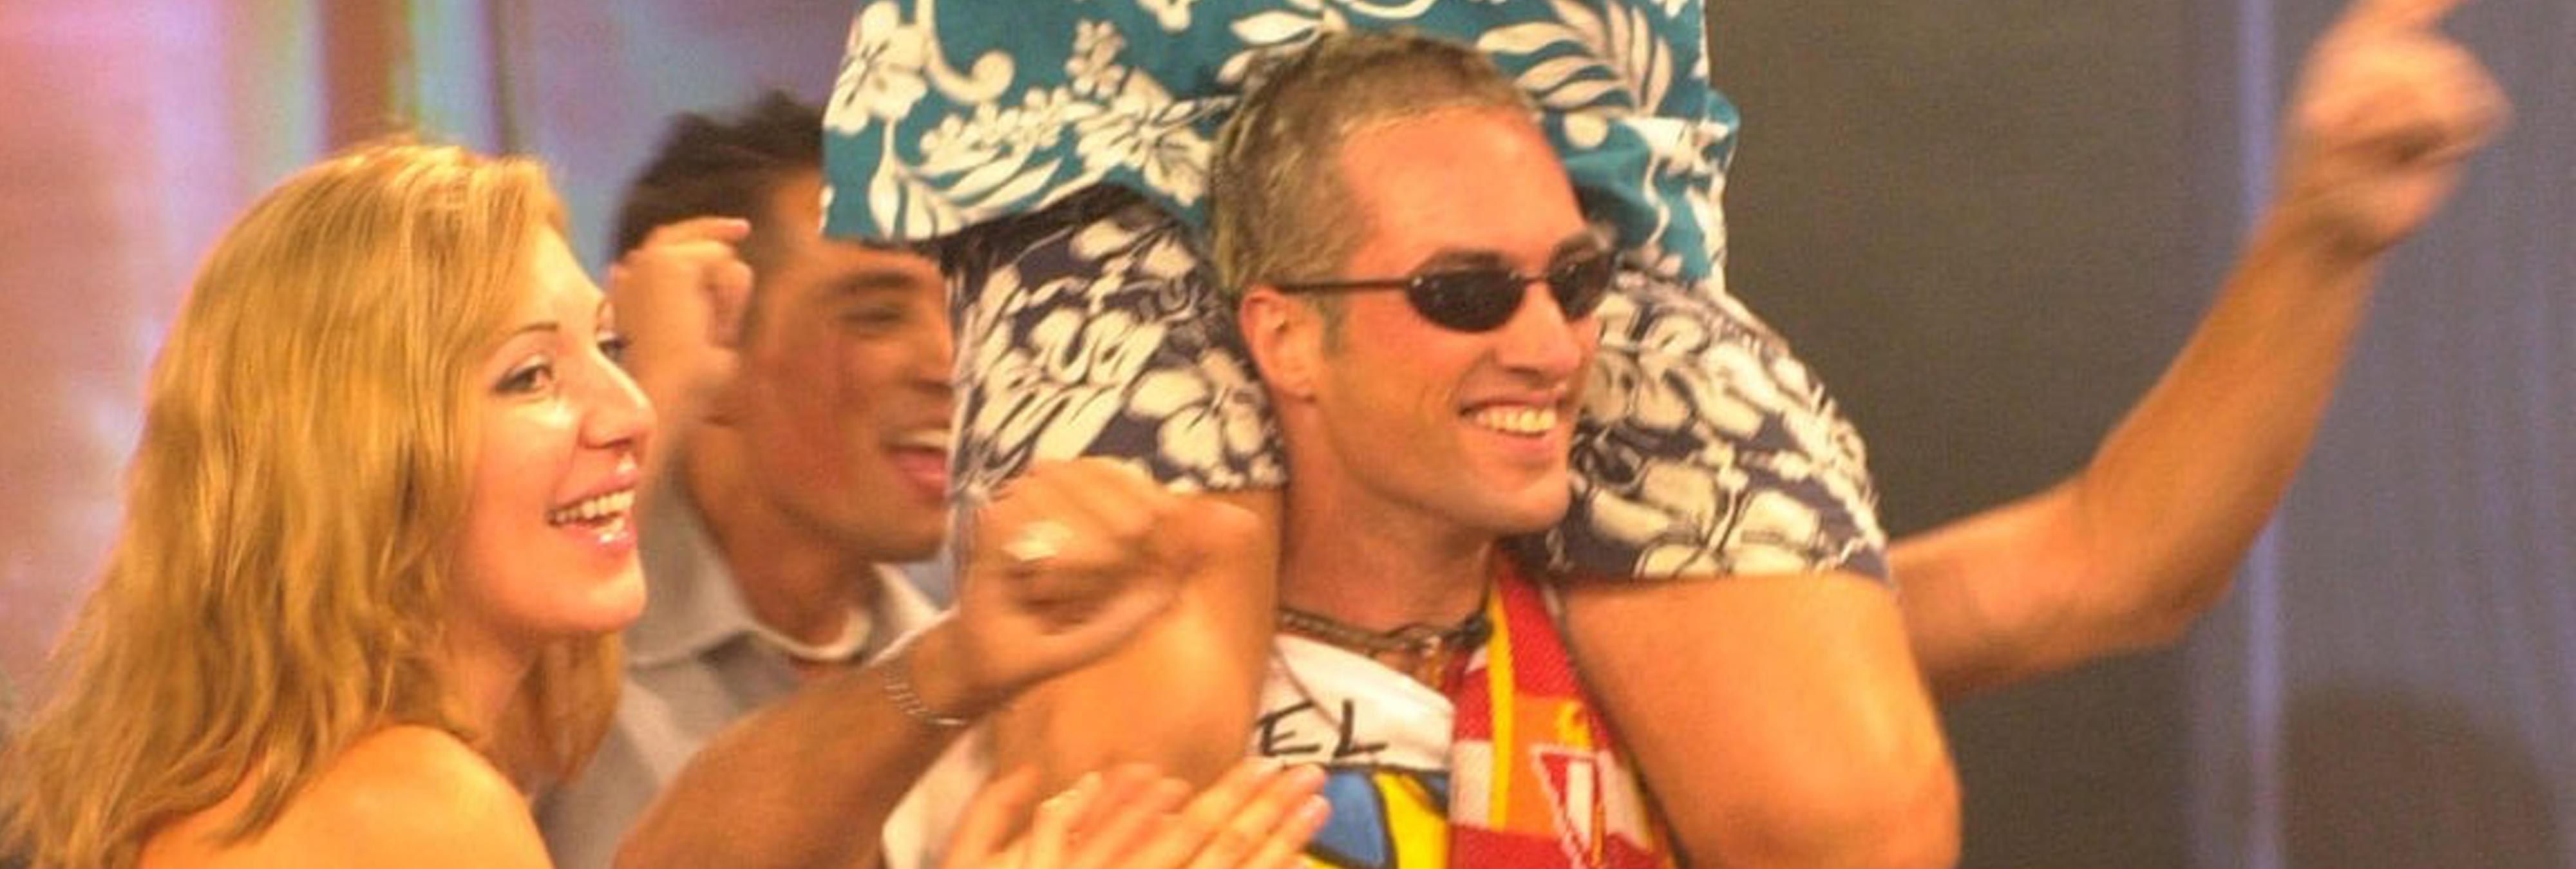 Los 10 mejores momentos televisivos del verano